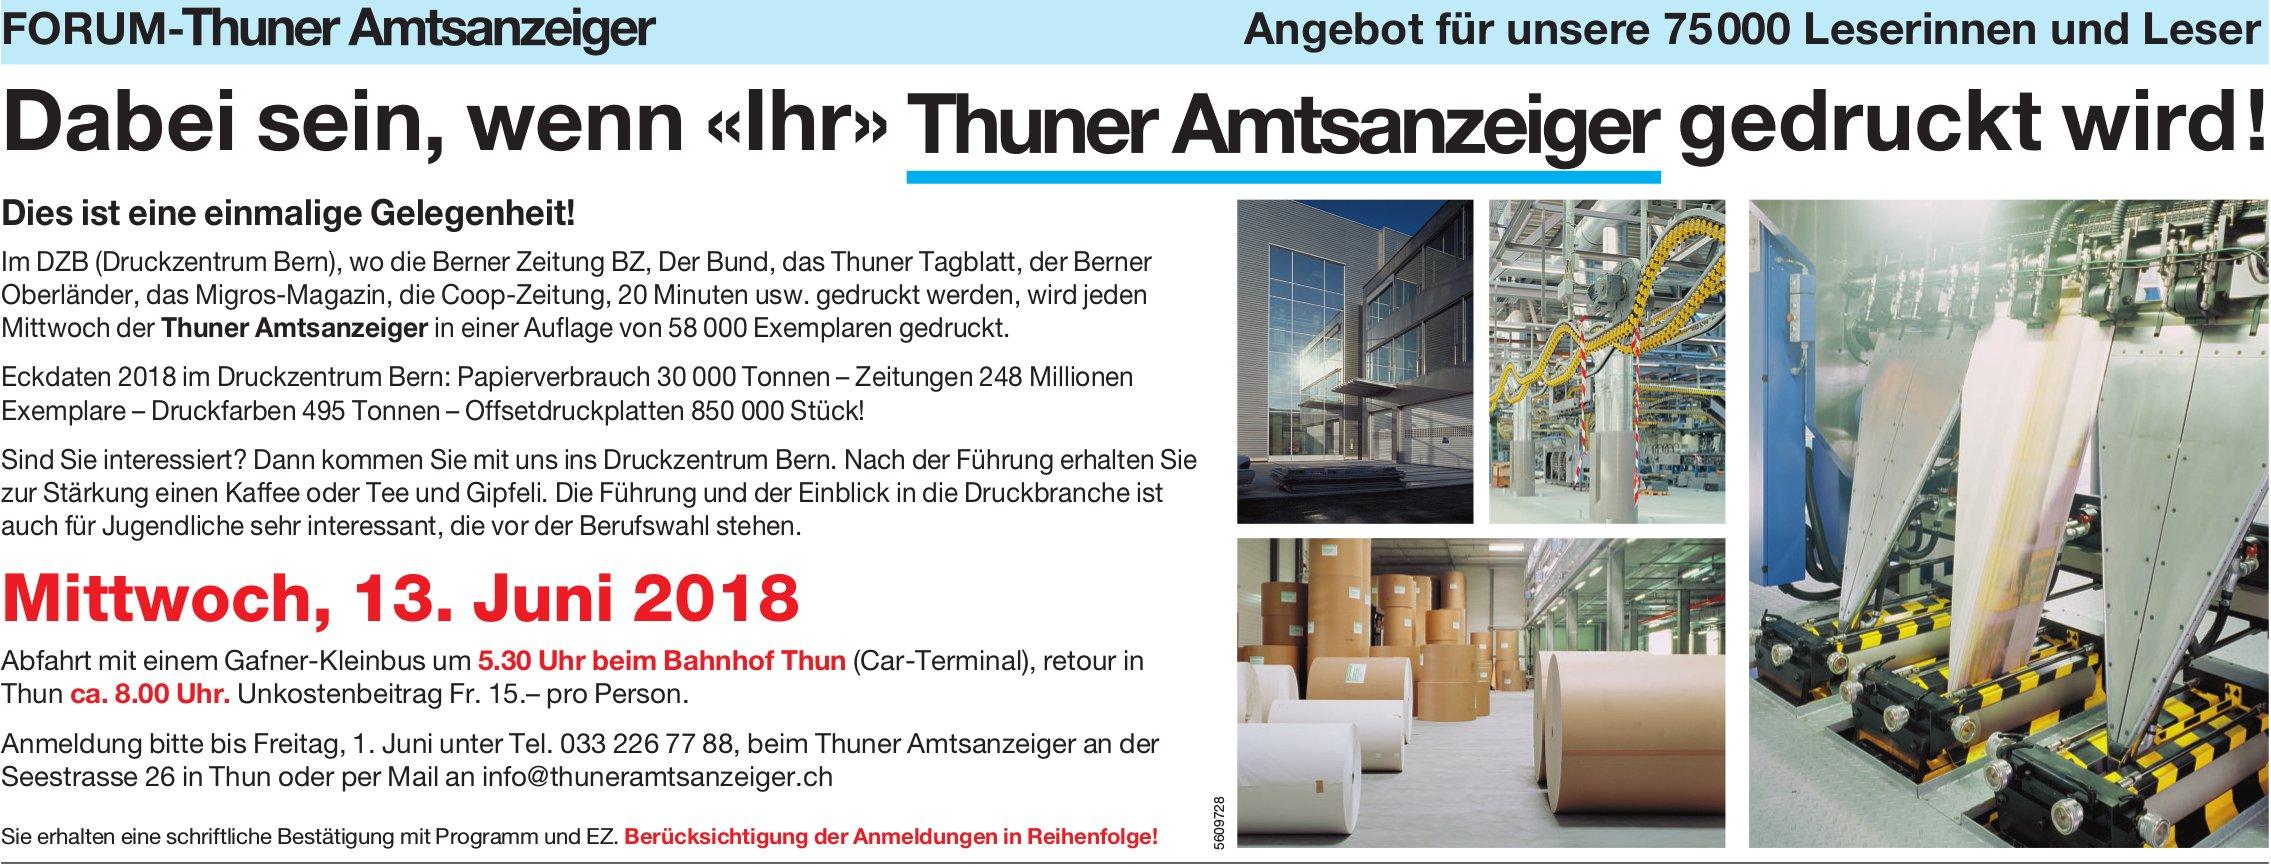 Forum-Thuner Amtsanzeiger - Dabei sein, wenn «Ihr» gedruckt wird! Am 13. Juni